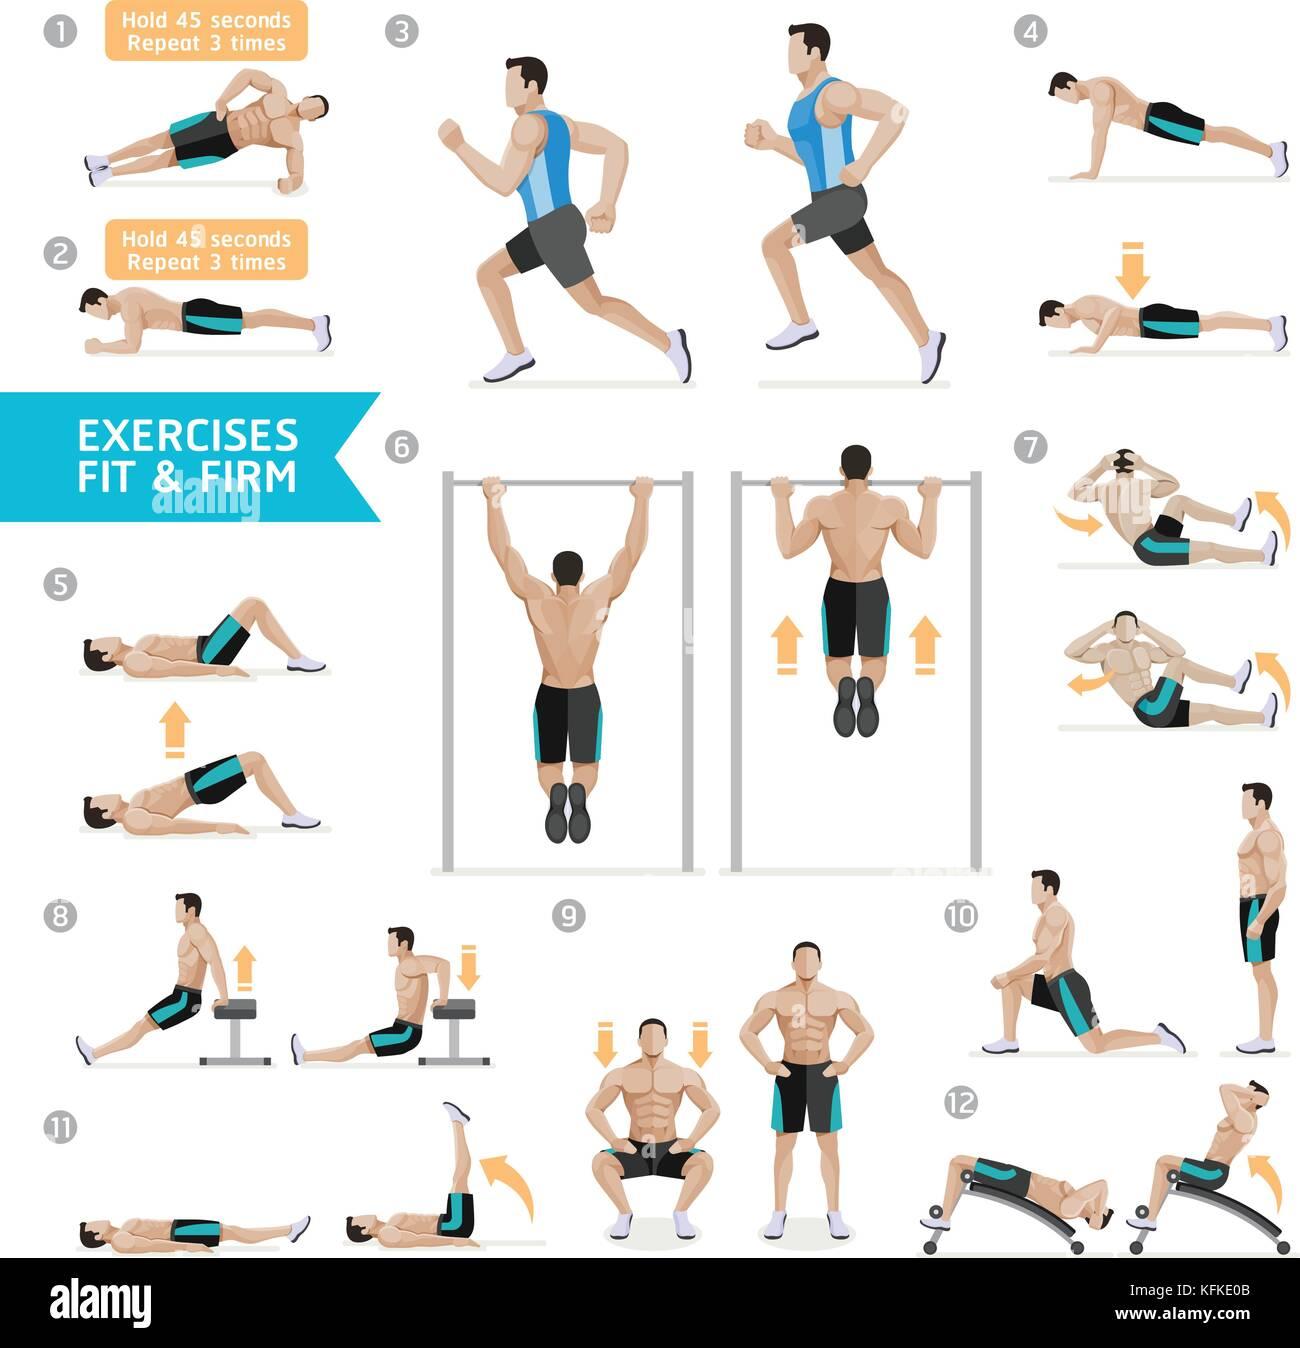 pesa ejercicios y entrenamientos con pesas ilustración vectorial